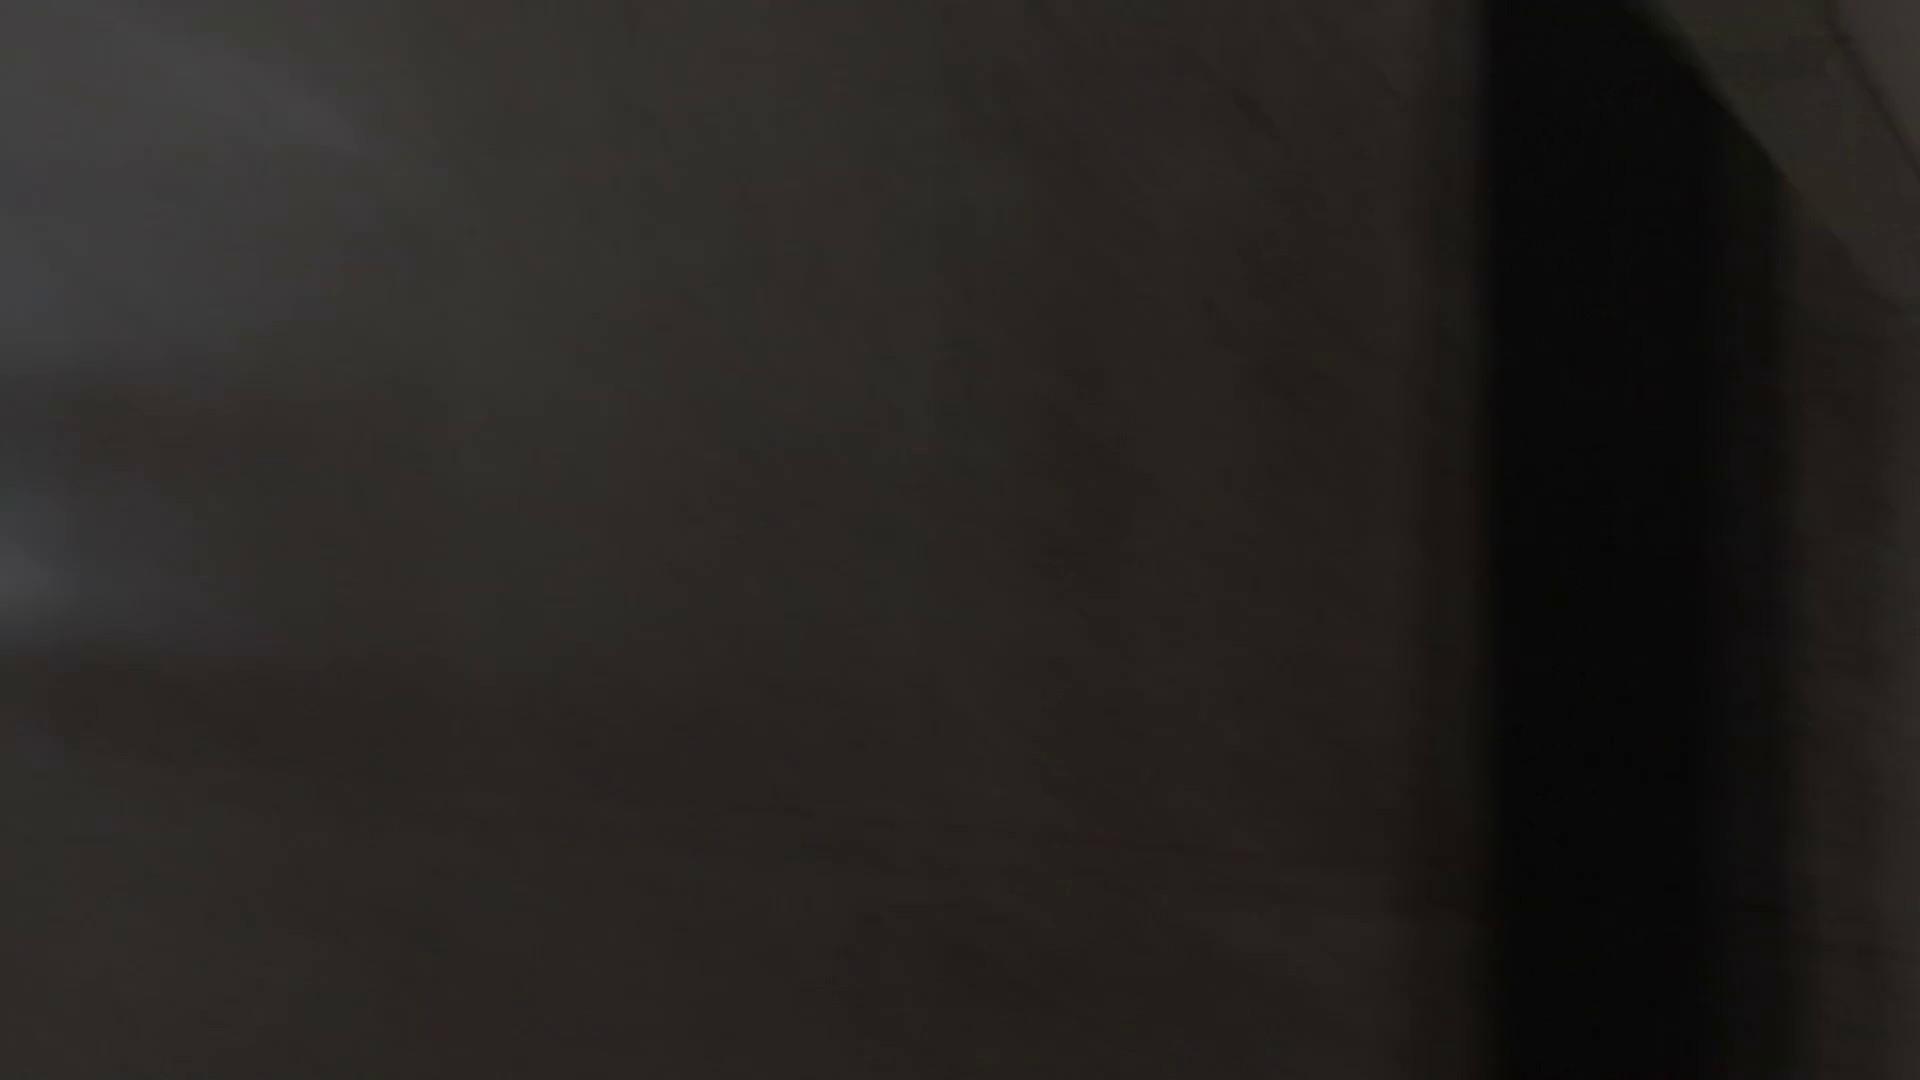 芸術大学ガチ潜入盗撮 JD盗撮 美女の洗面所の秘密 Vol.90 細身・スレンダー AV動画キャプチャ 35画像 18